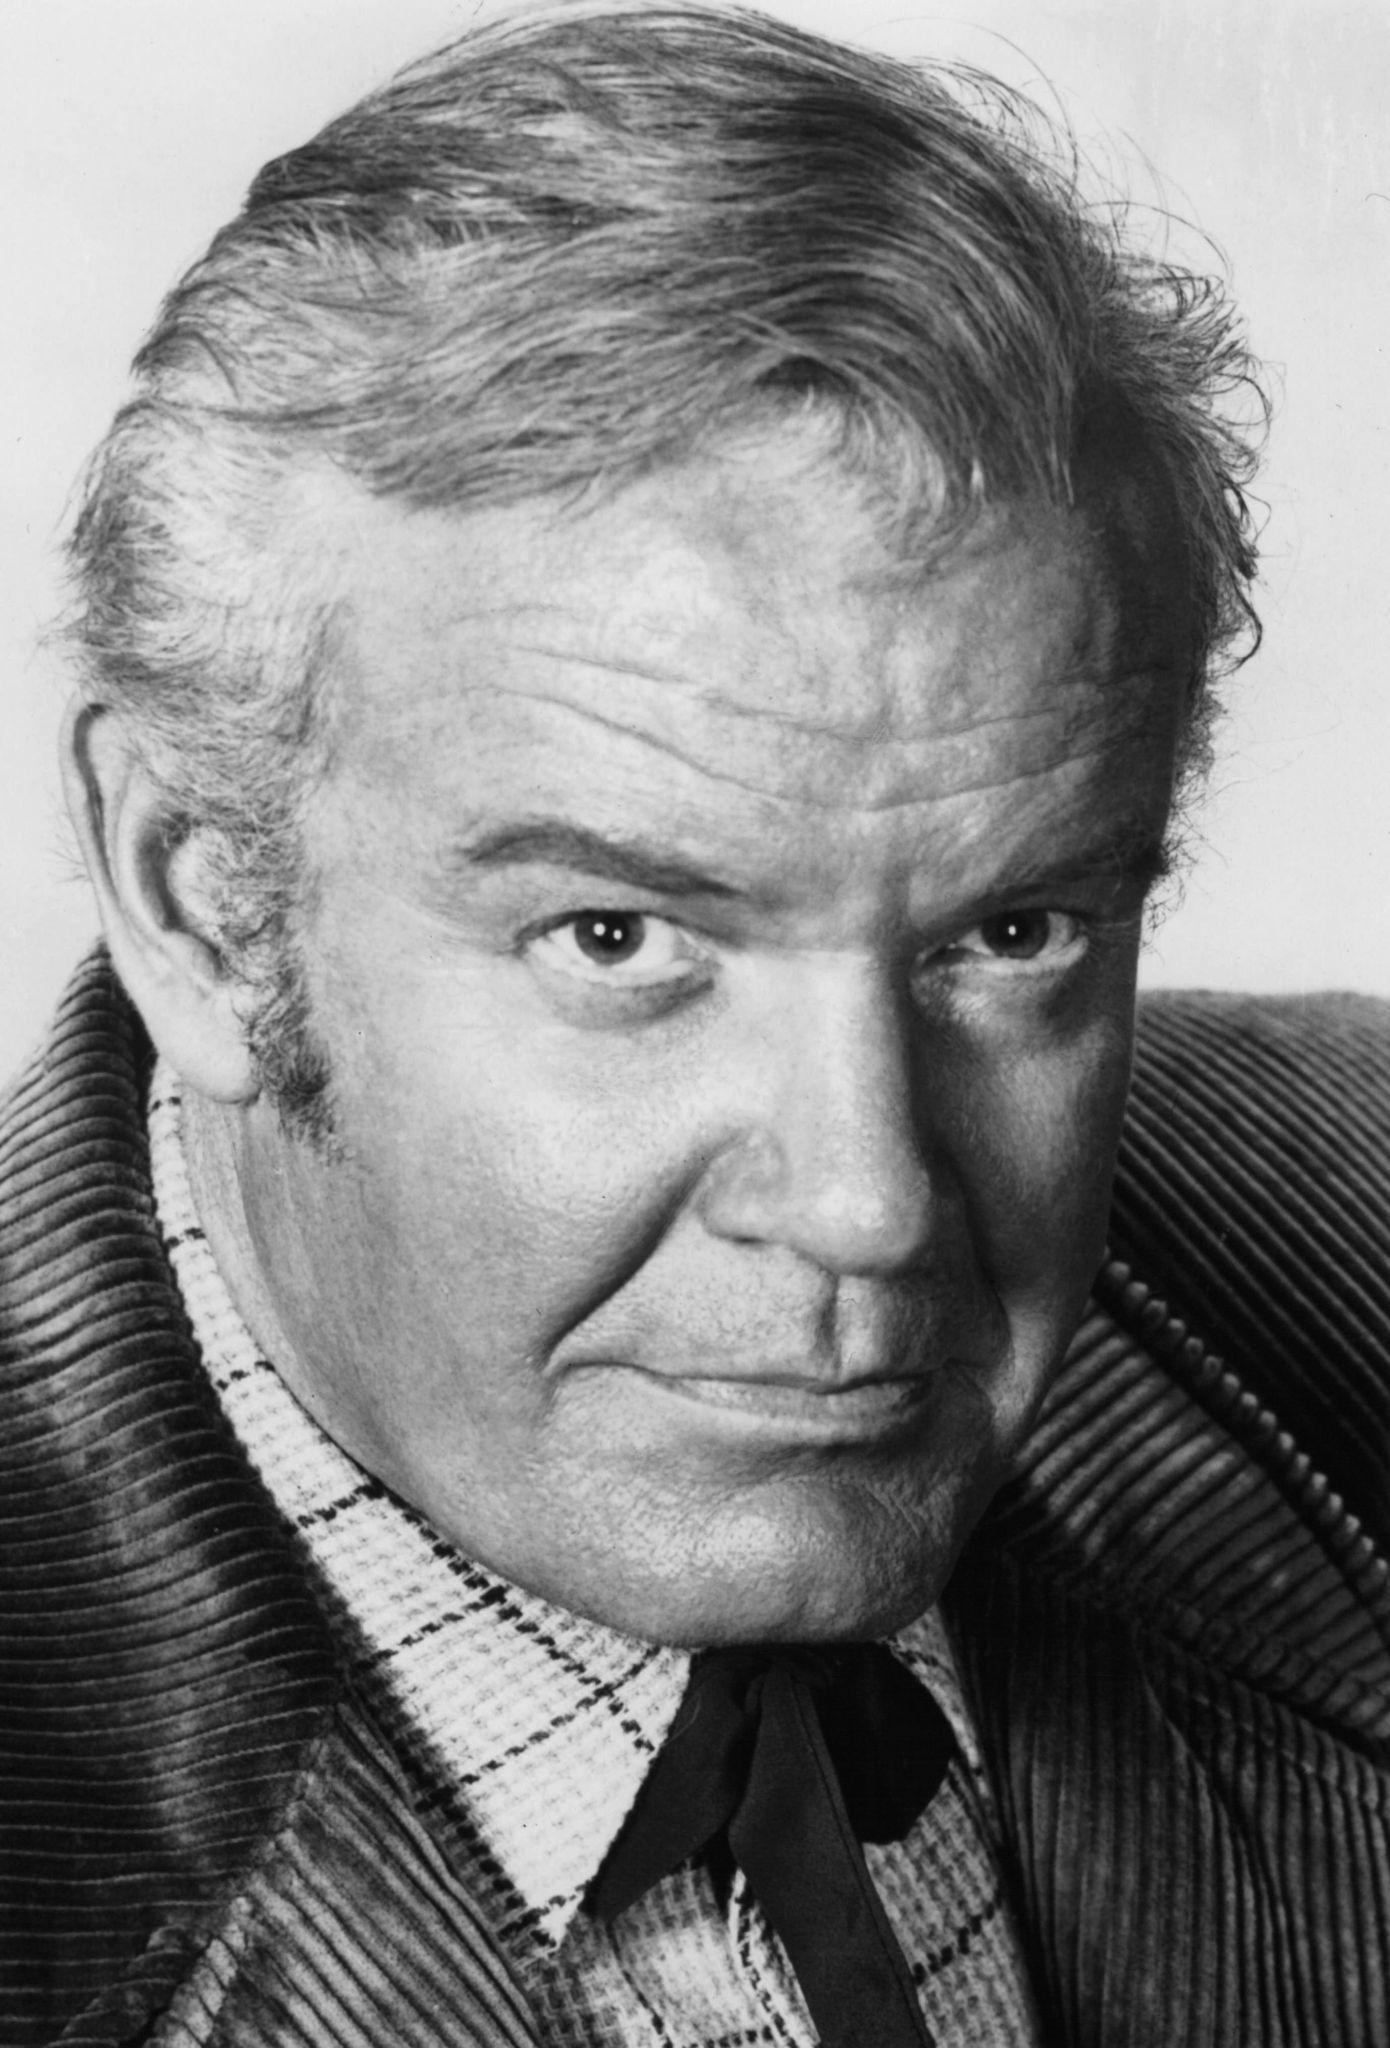 Al Weaver (born 1981)